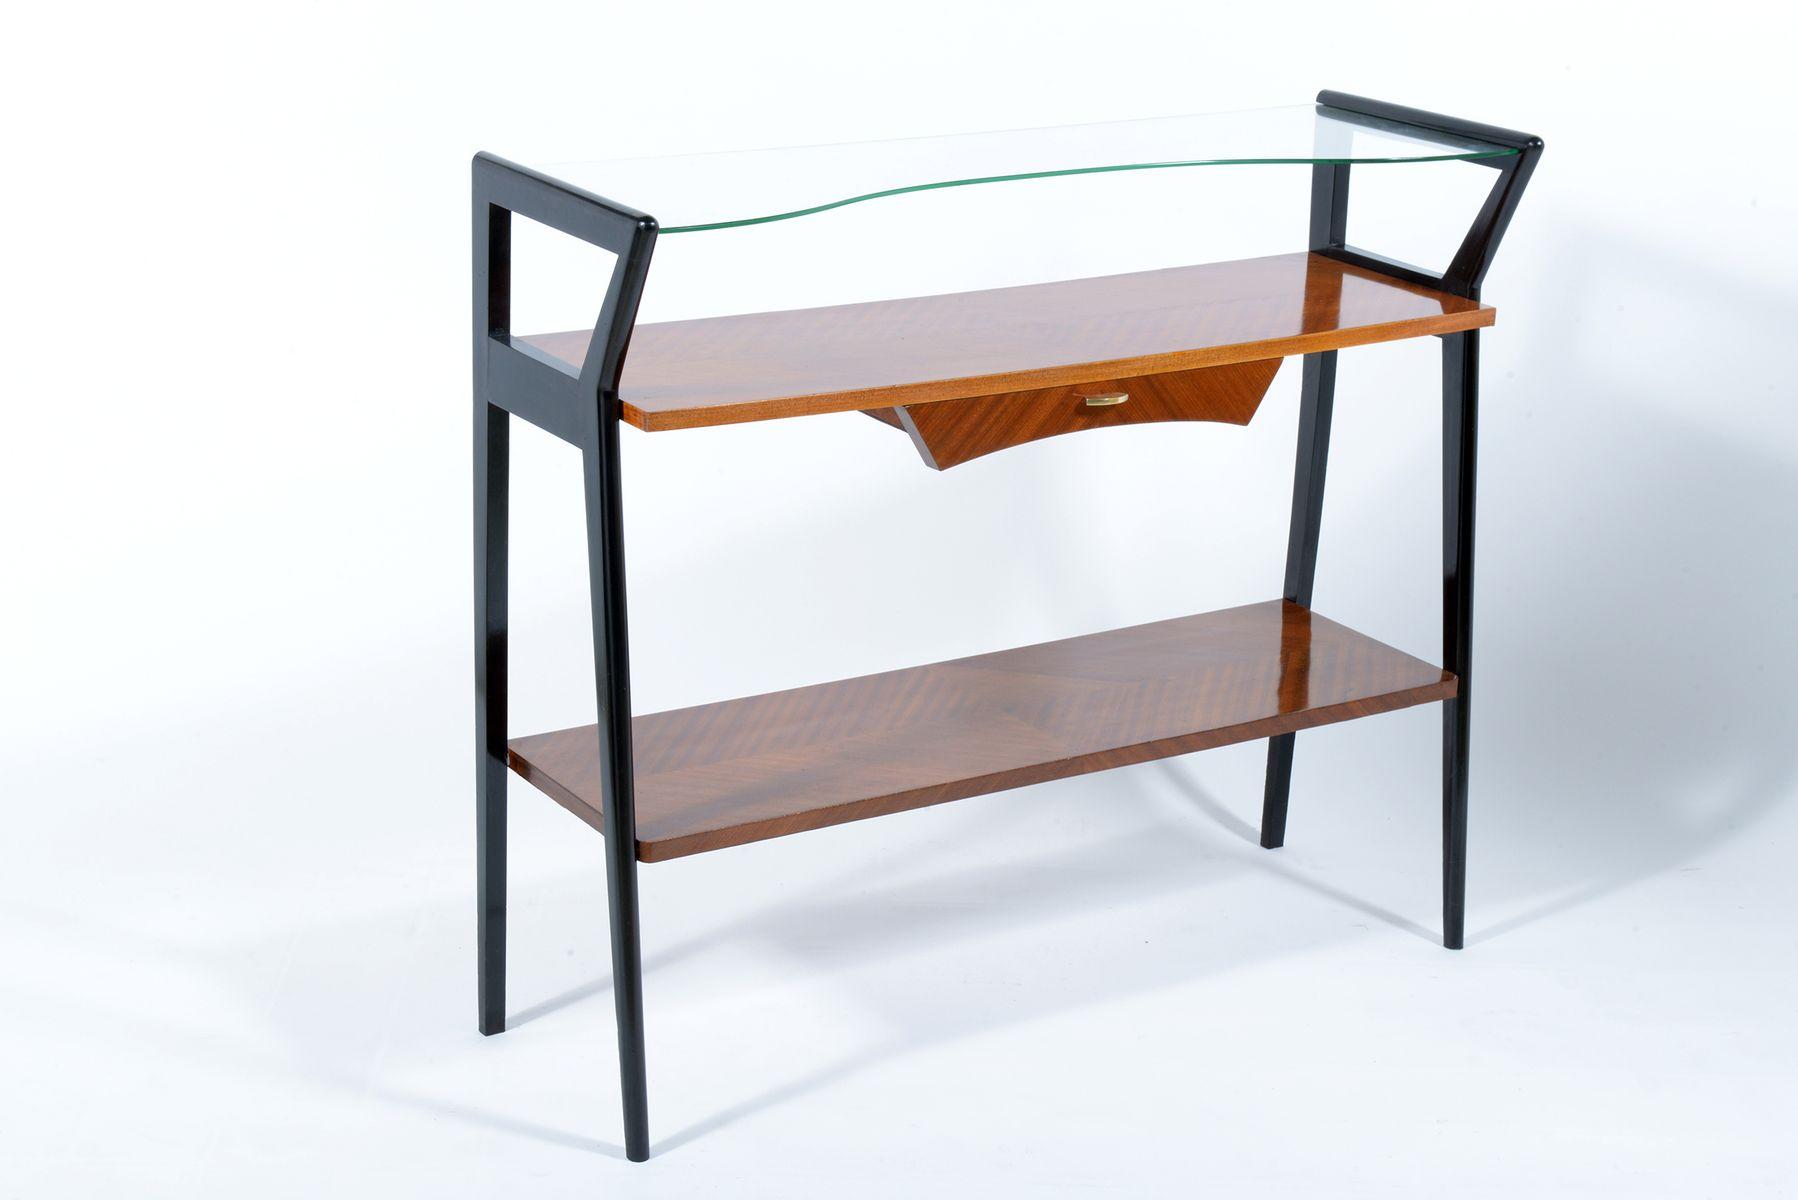 italienische konsole mit schublade glasplatte 1950er bei pamono kaufen. Black Bedroom Furniture Sets. Home Design Ideas